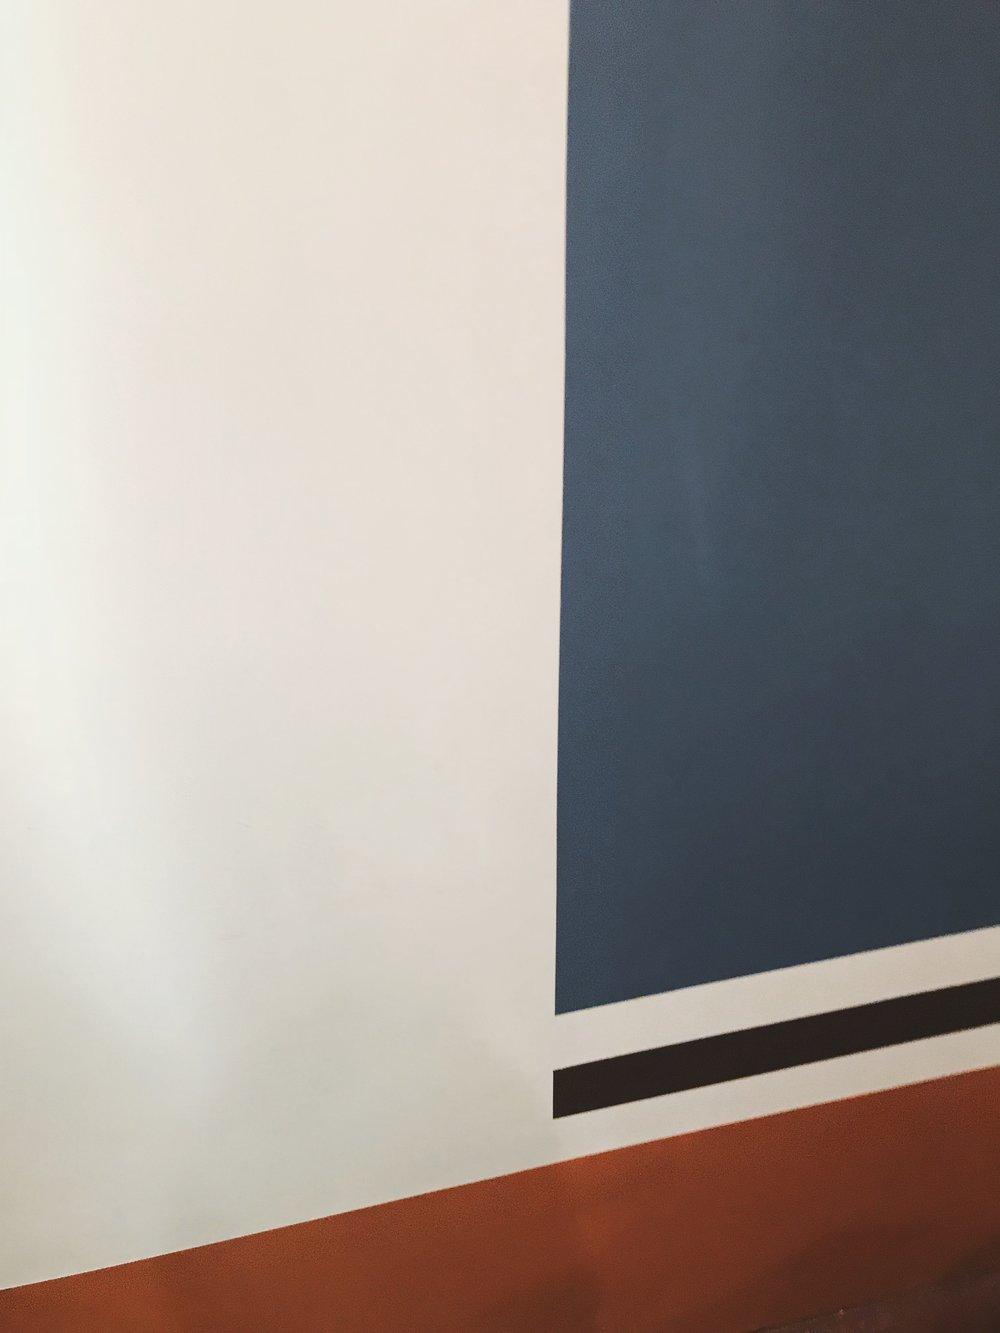 Это уже не плакаты аллегровой на стенах и боб в первый класс, а модный дизайн с хорошей цветовой палитрой. -